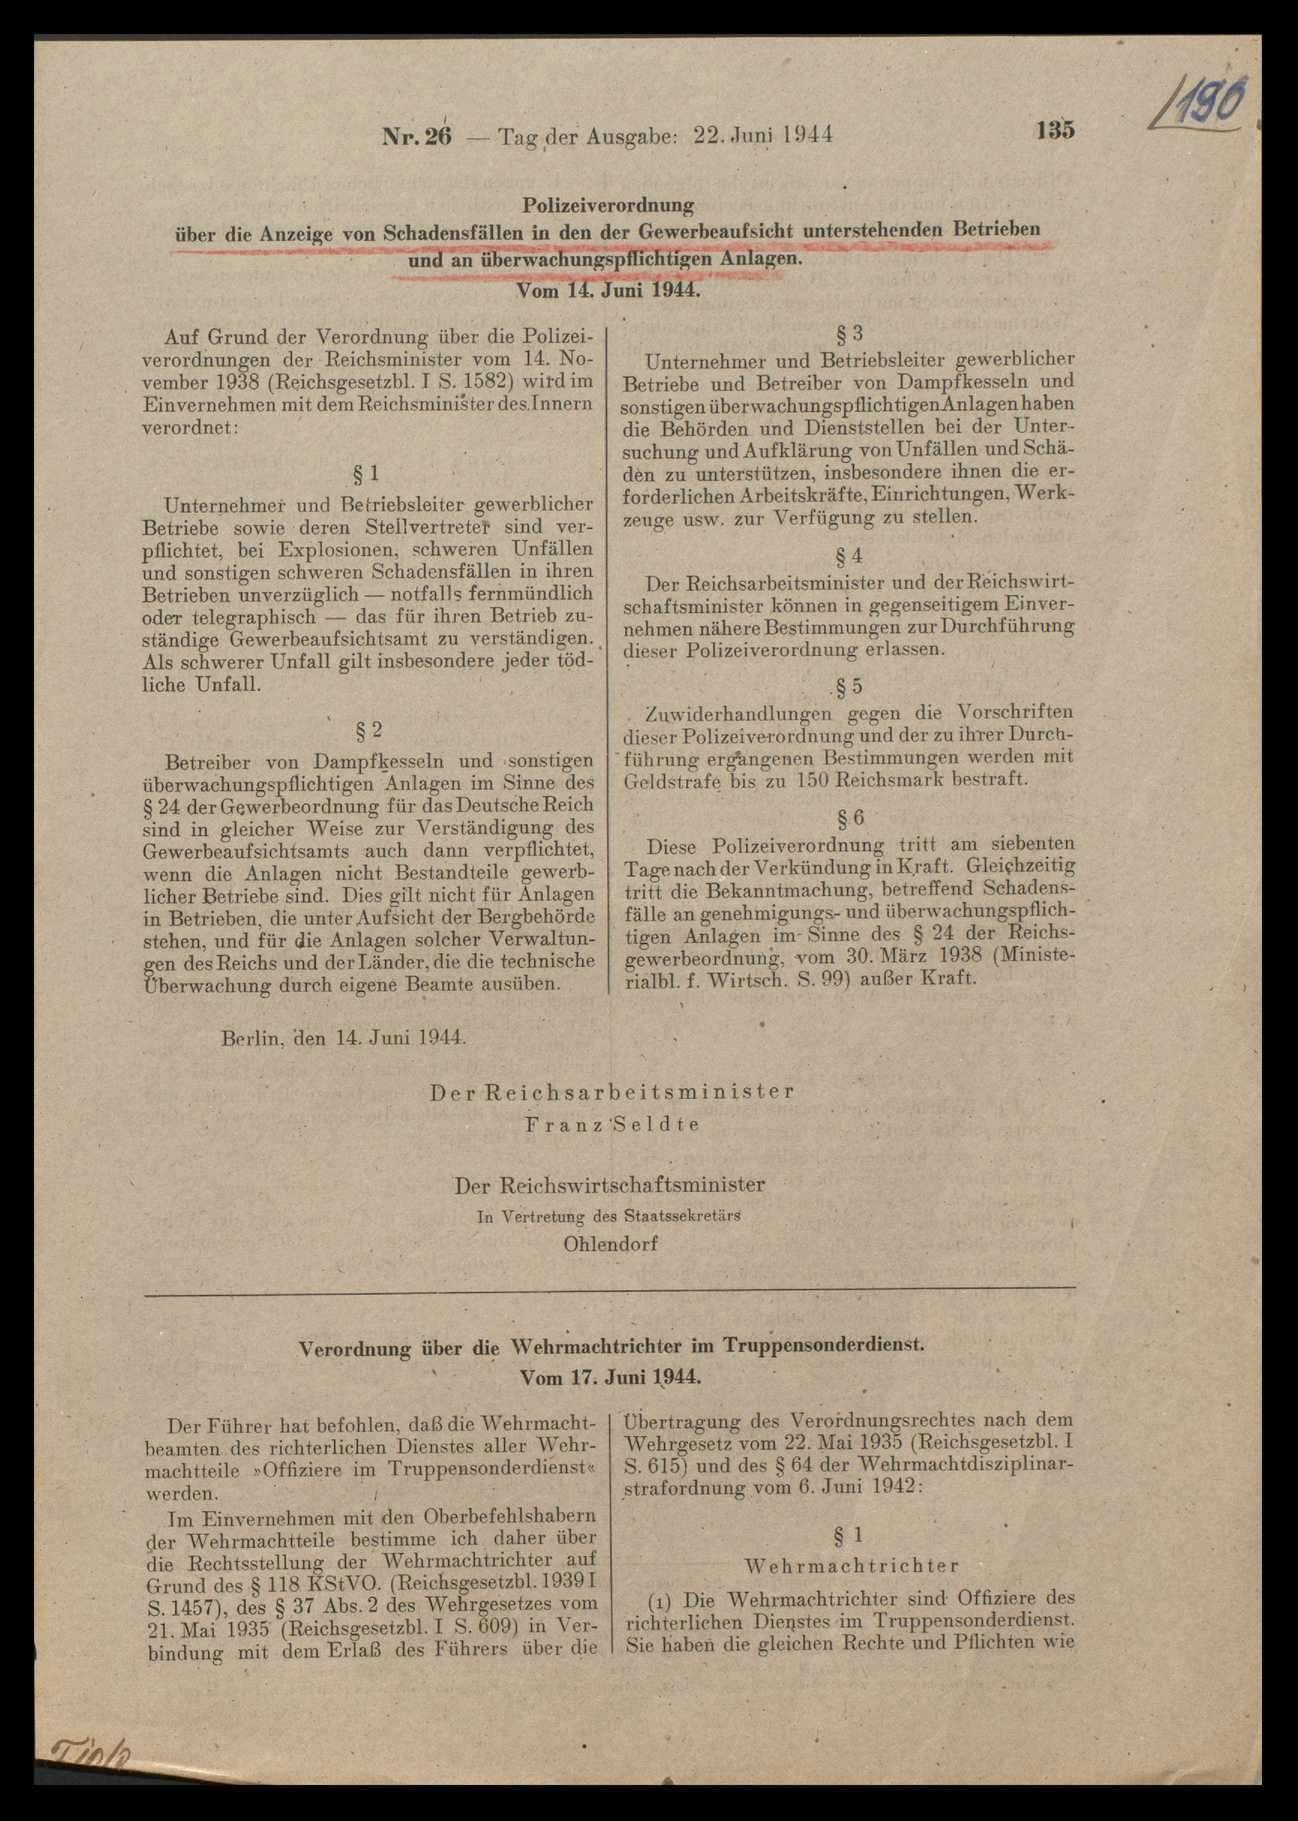 Gewerbe- und Handelsaufsicht, Bild 2